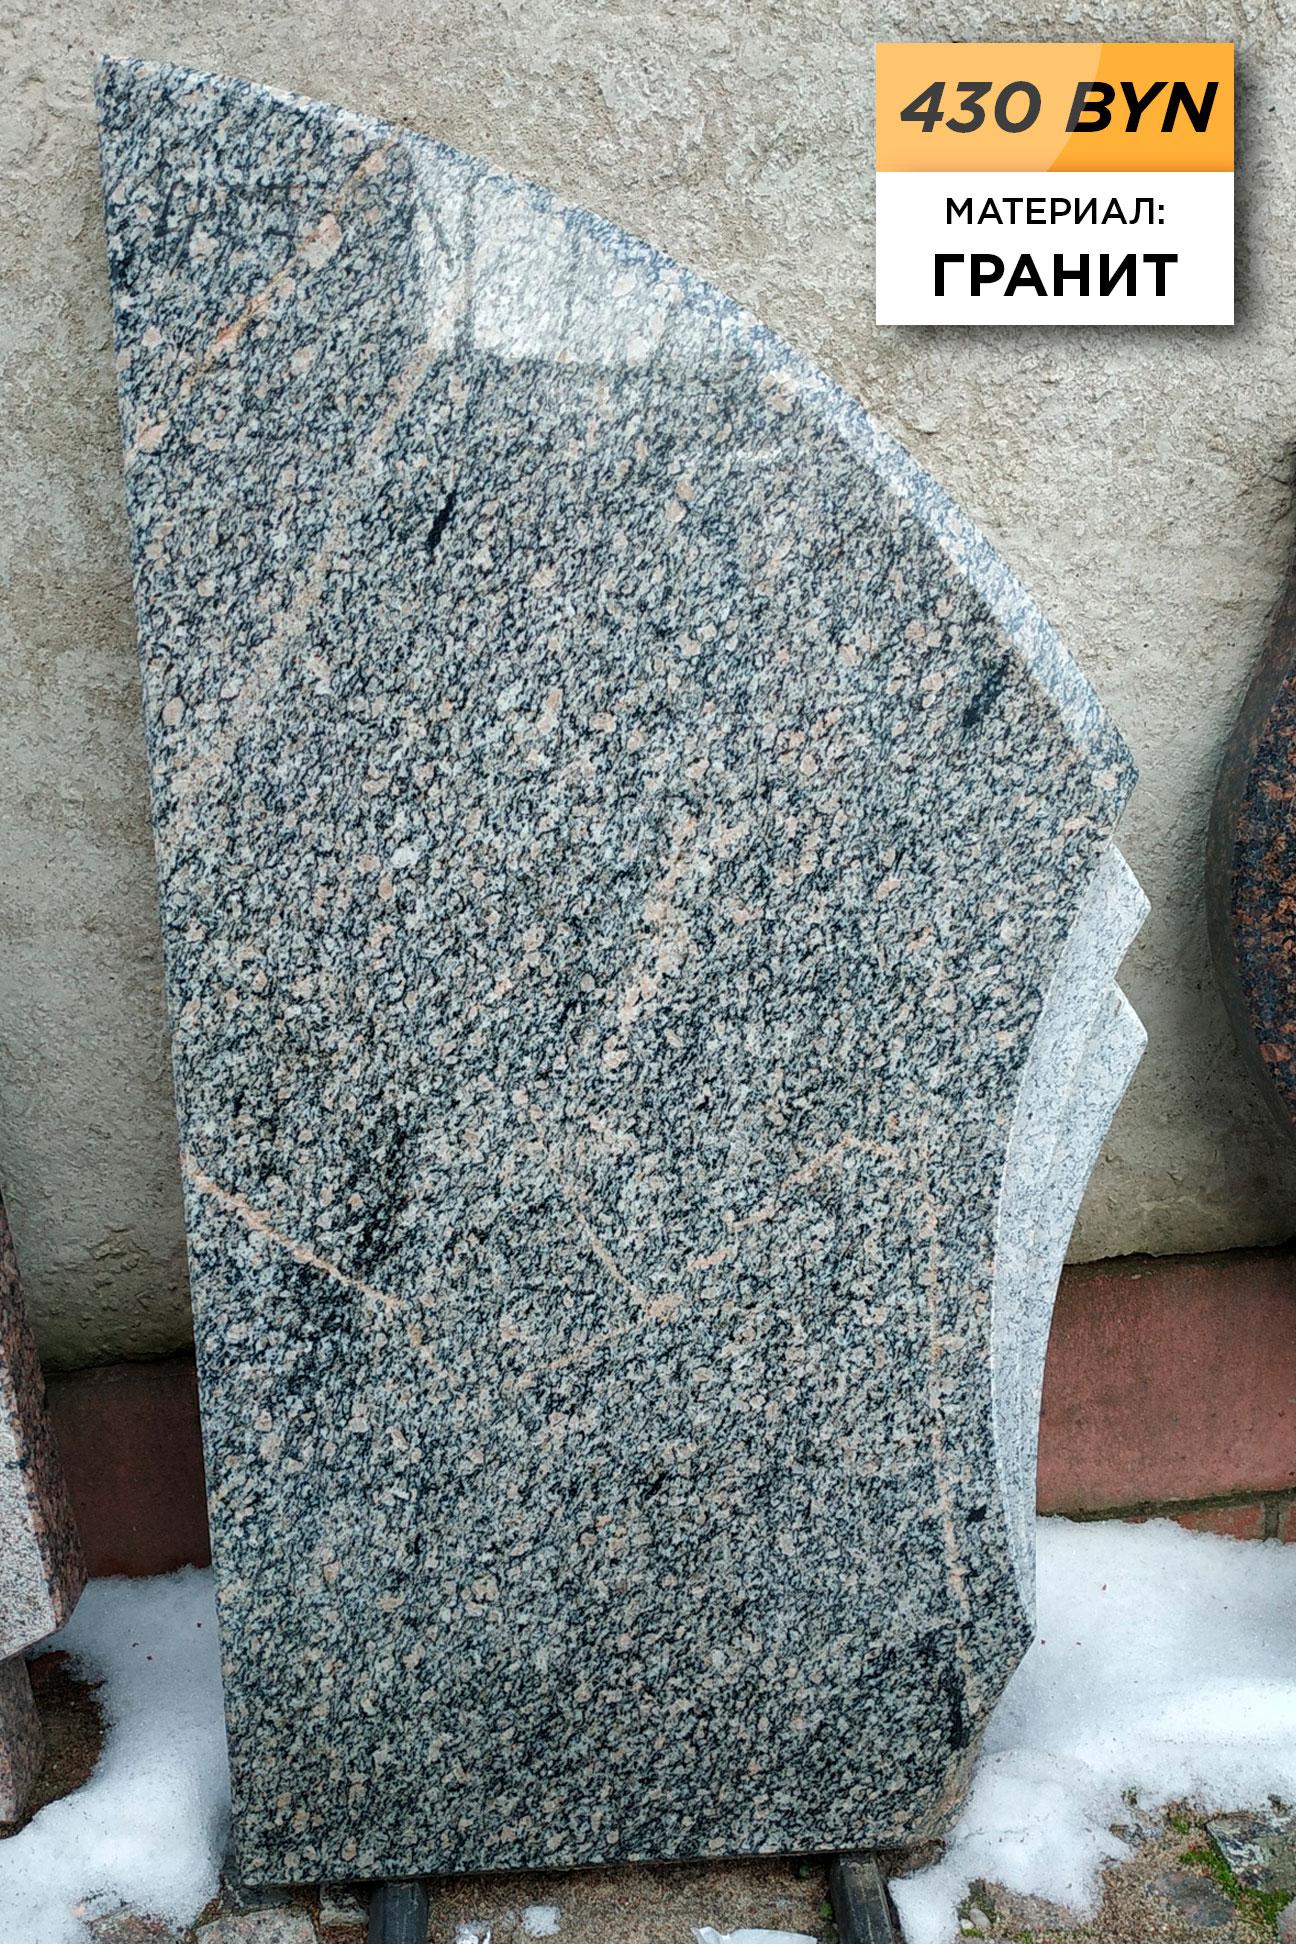 памятник из гранита со скидкой